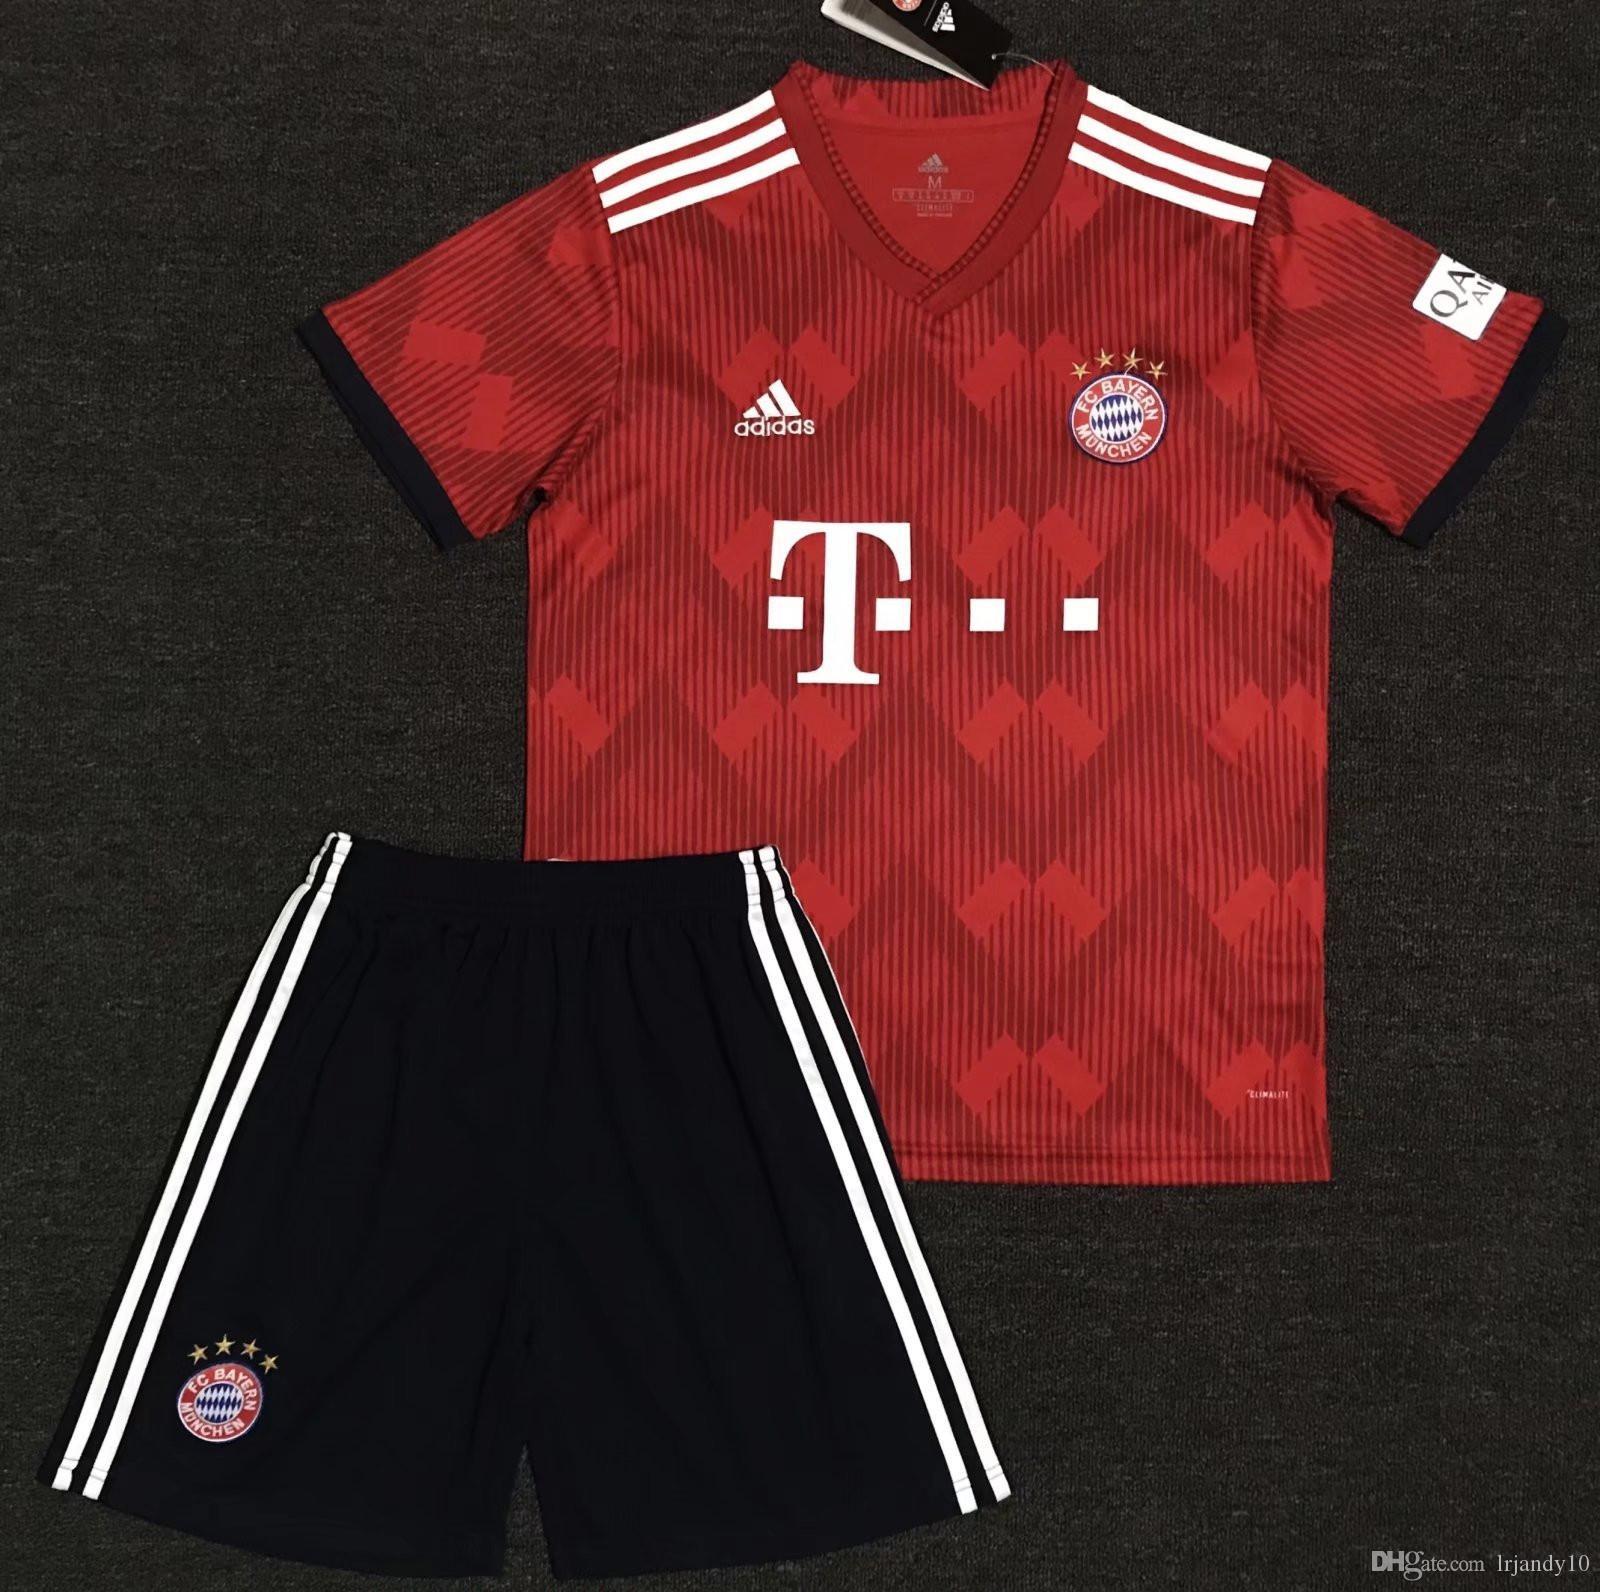 50b677038 Compre 2019 # 25 MULLER Bayern Munique Casa Criança Camisa De Futebol 18/19  Casa Camisa De Futebol Vermelha # 11 JAMES # 9 LEWANDOWSKI Uniforme De  Futebol ...